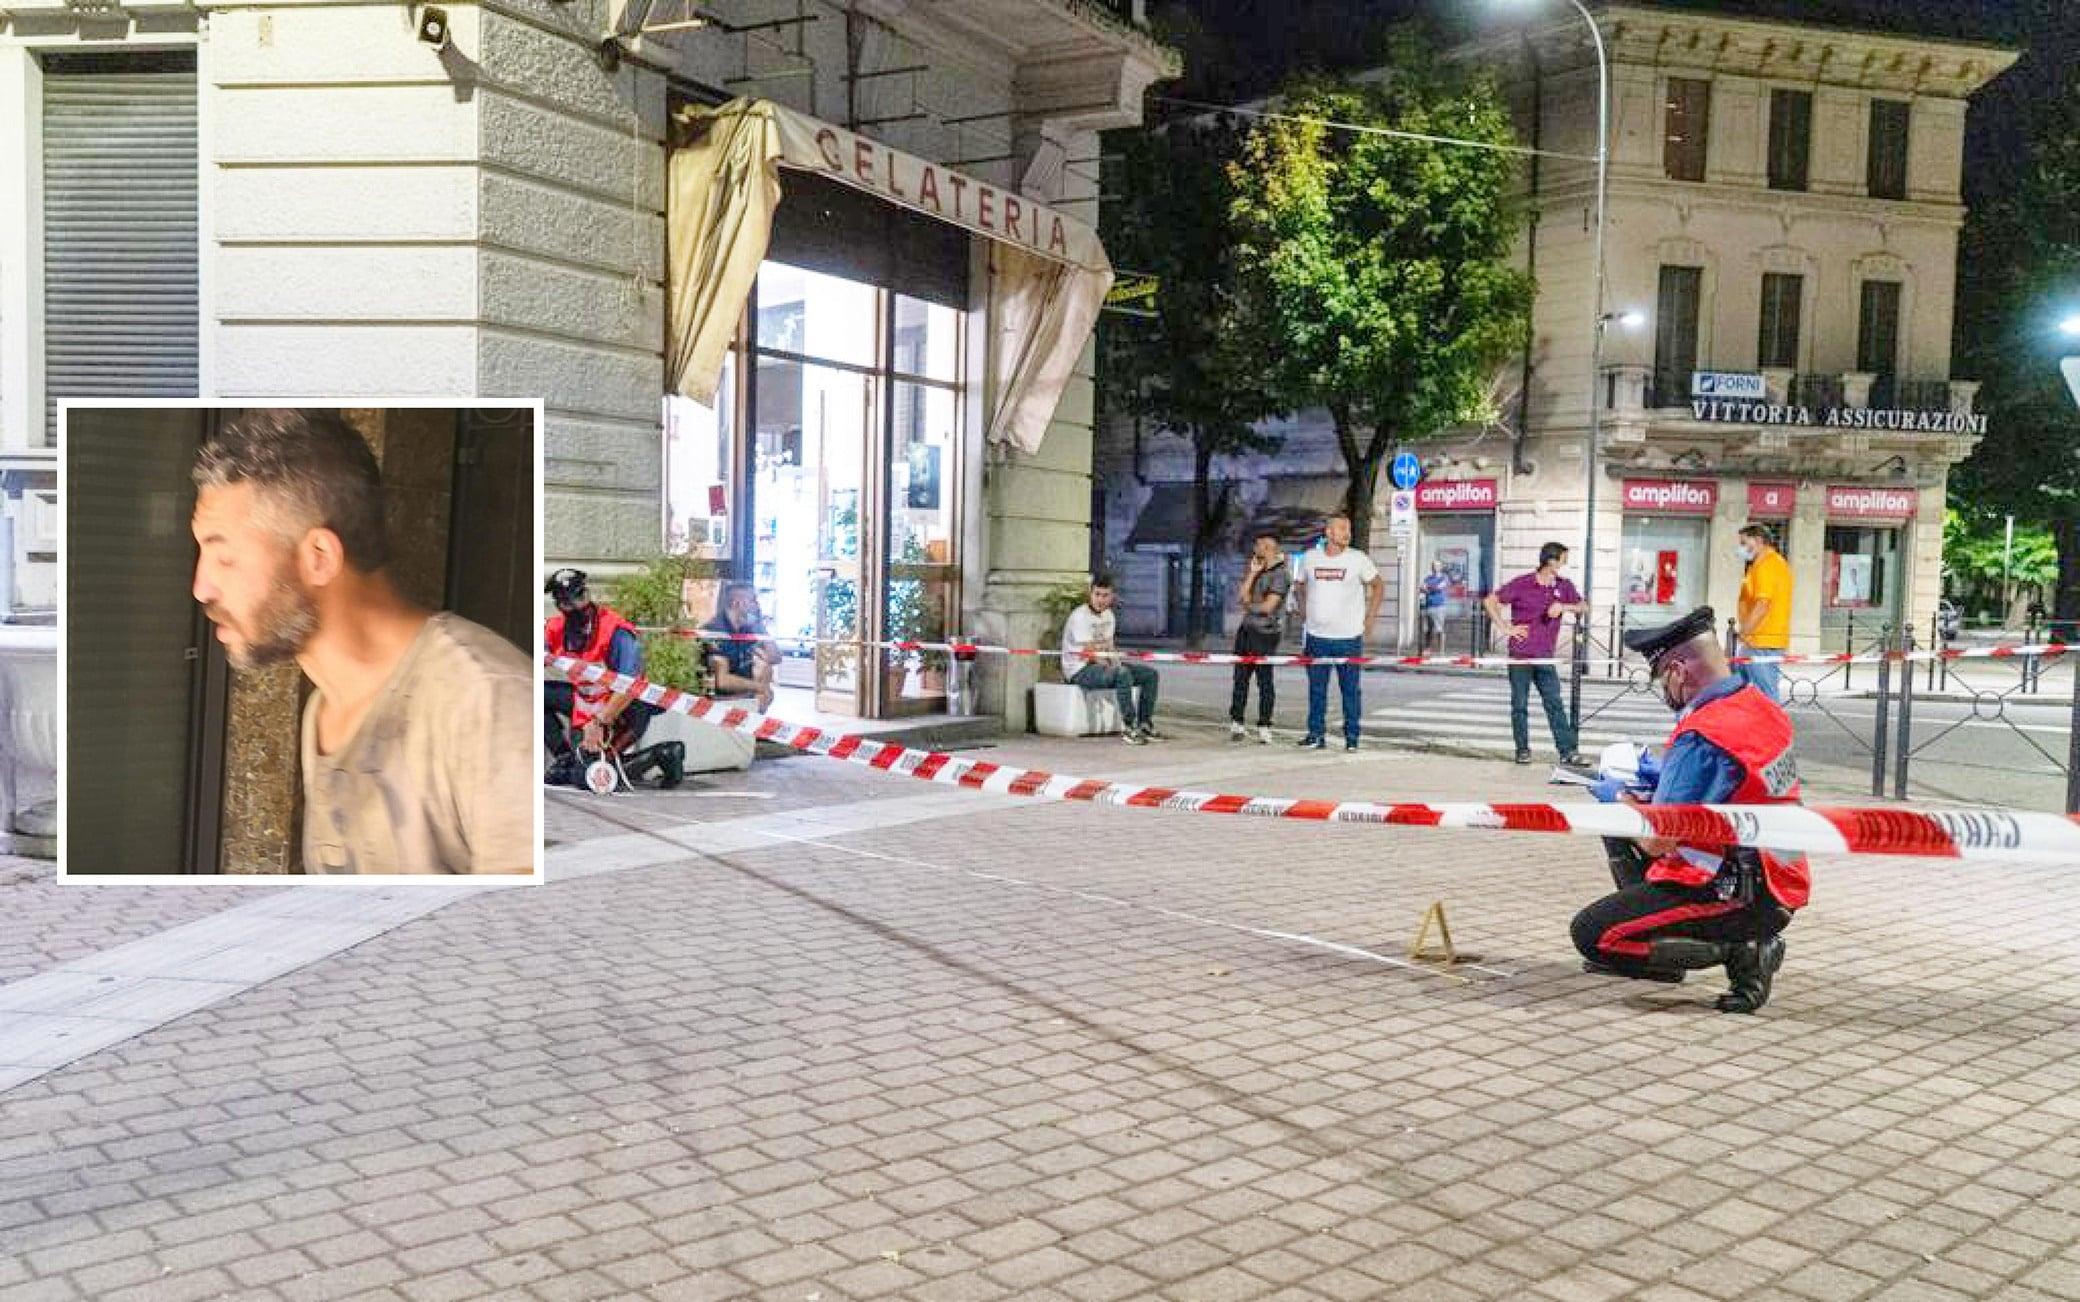 Piazza Meardi, il luogo in cui l'assessore alla sicurezza Massimo Adriatici ha sparato ad un uomo davanti al bar Ligure uccidendolo, Voghera, 21 Luglio 2021. ANSA/PAOLO TORRES